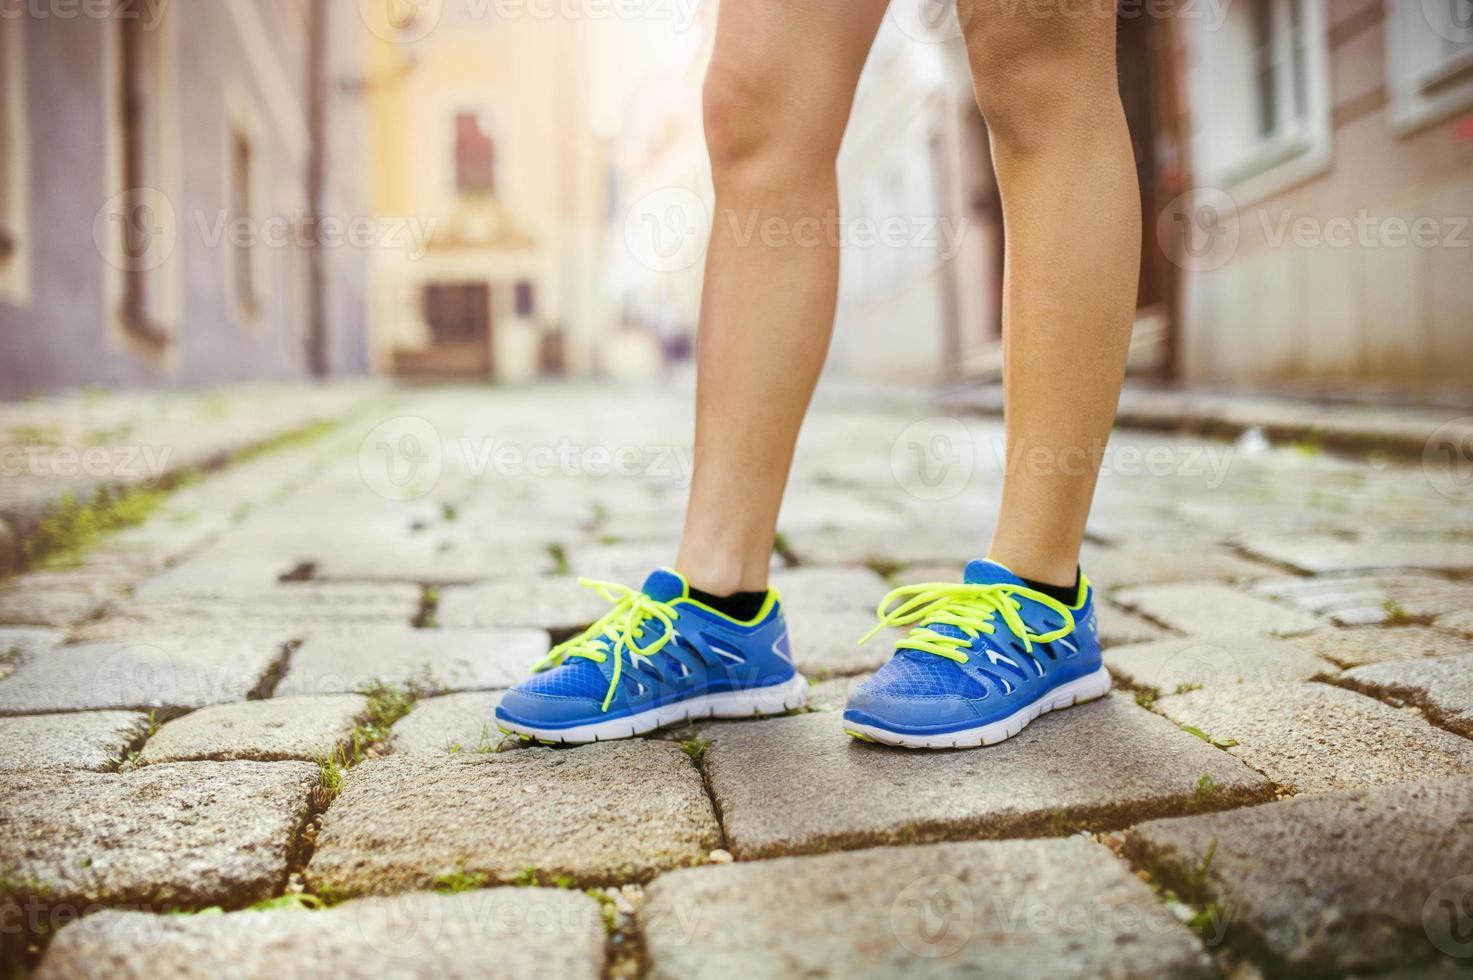 Läuferin, Füße Nahaufnahme foto